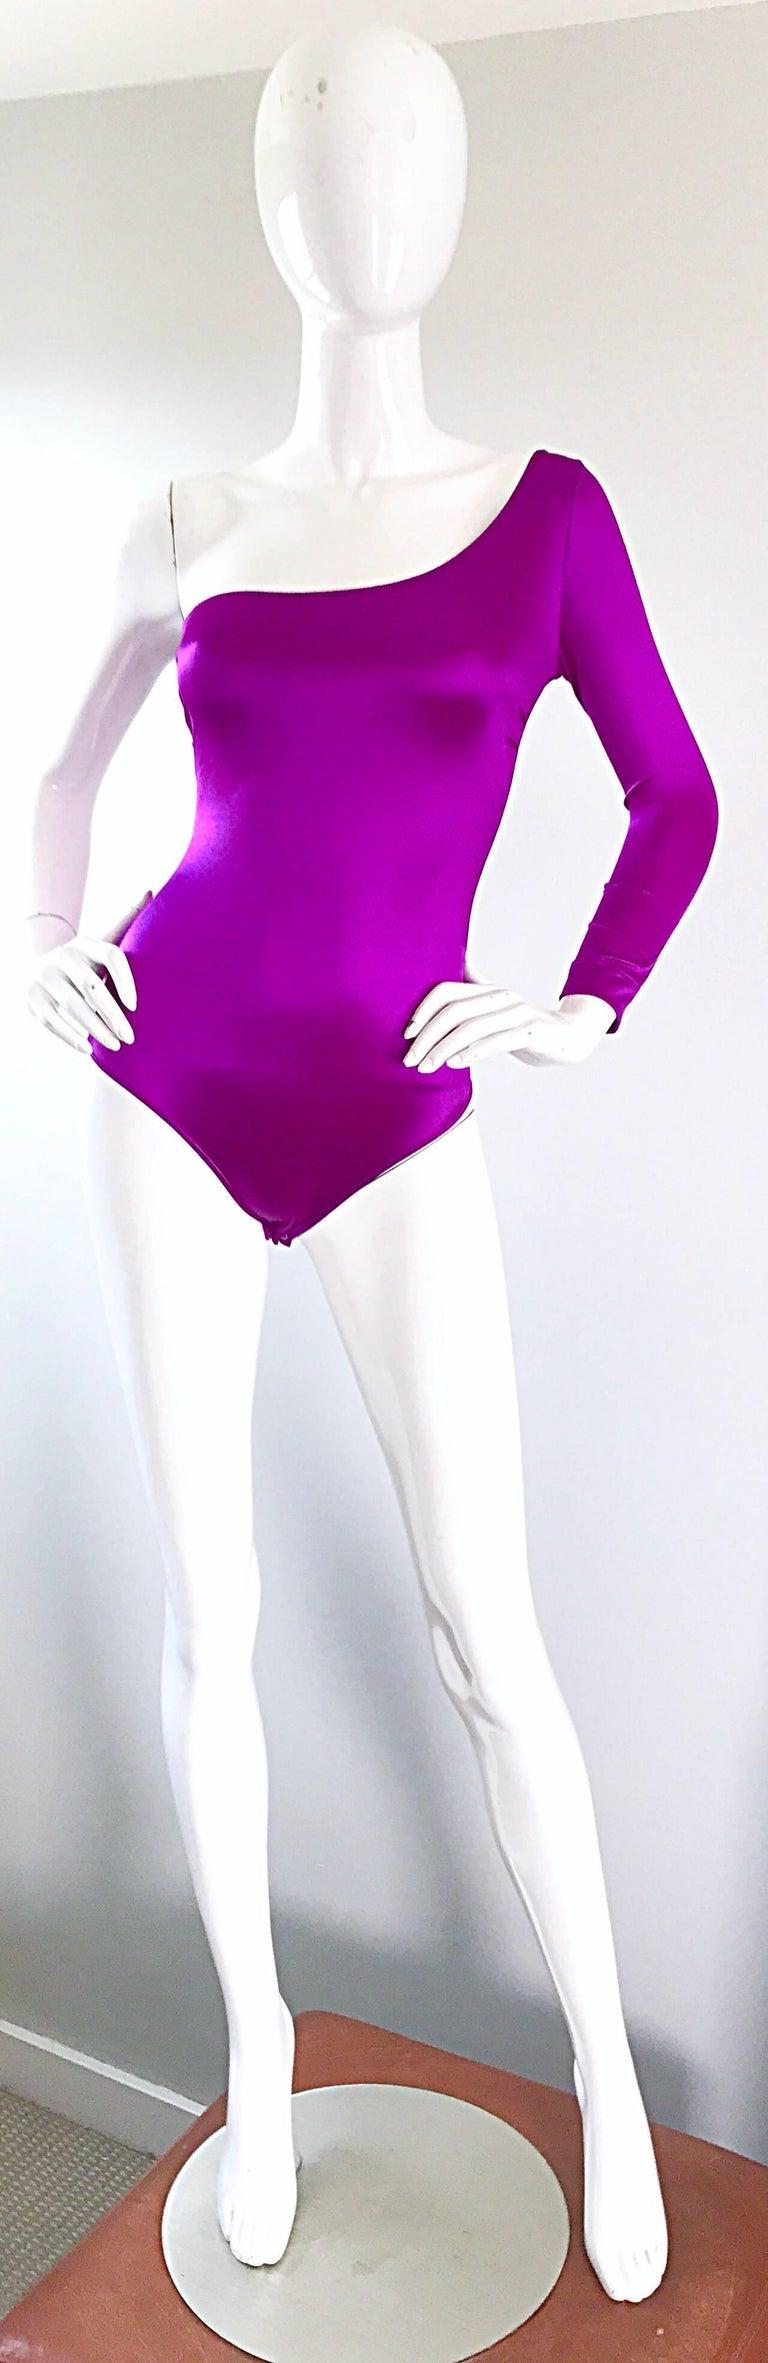 Dolce and Gabbana Vintage 1990s Magenta One Shoulder One Piece Vintage Bodysuit For Sale 4